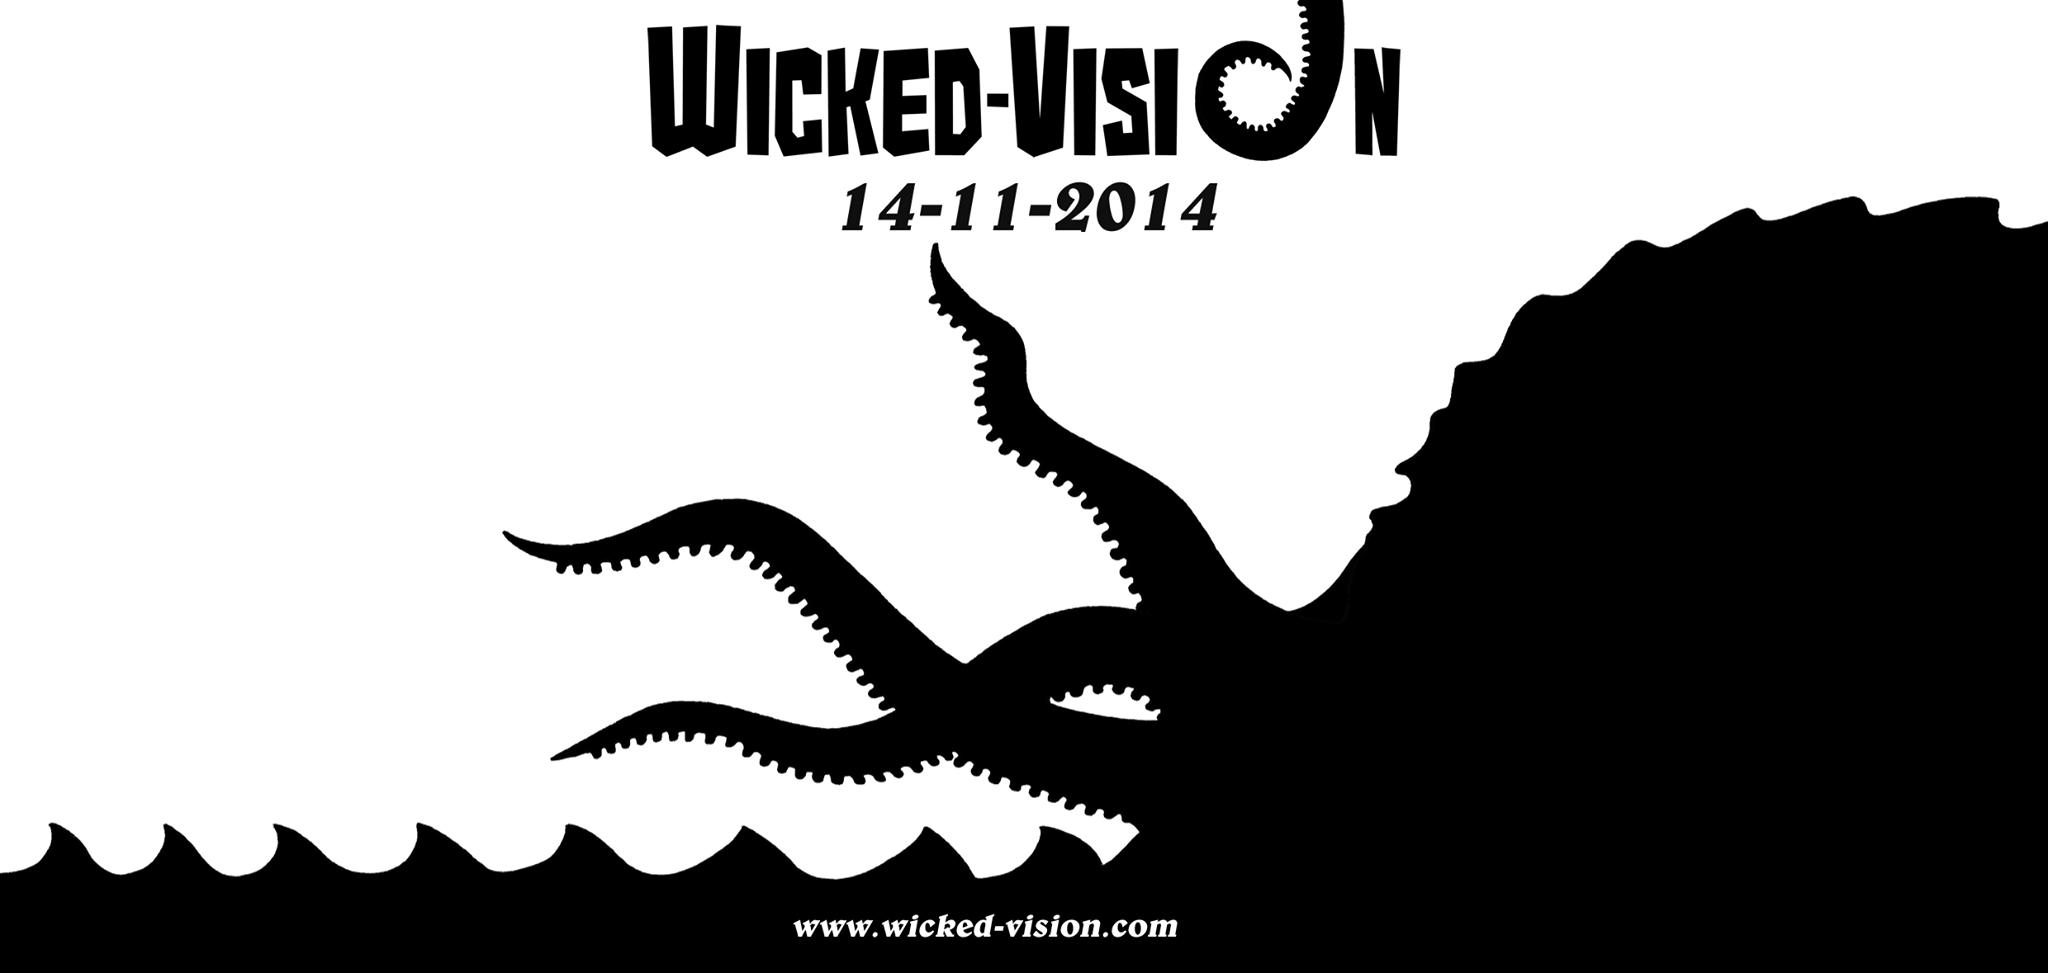 Werbung für Wicked-Vision